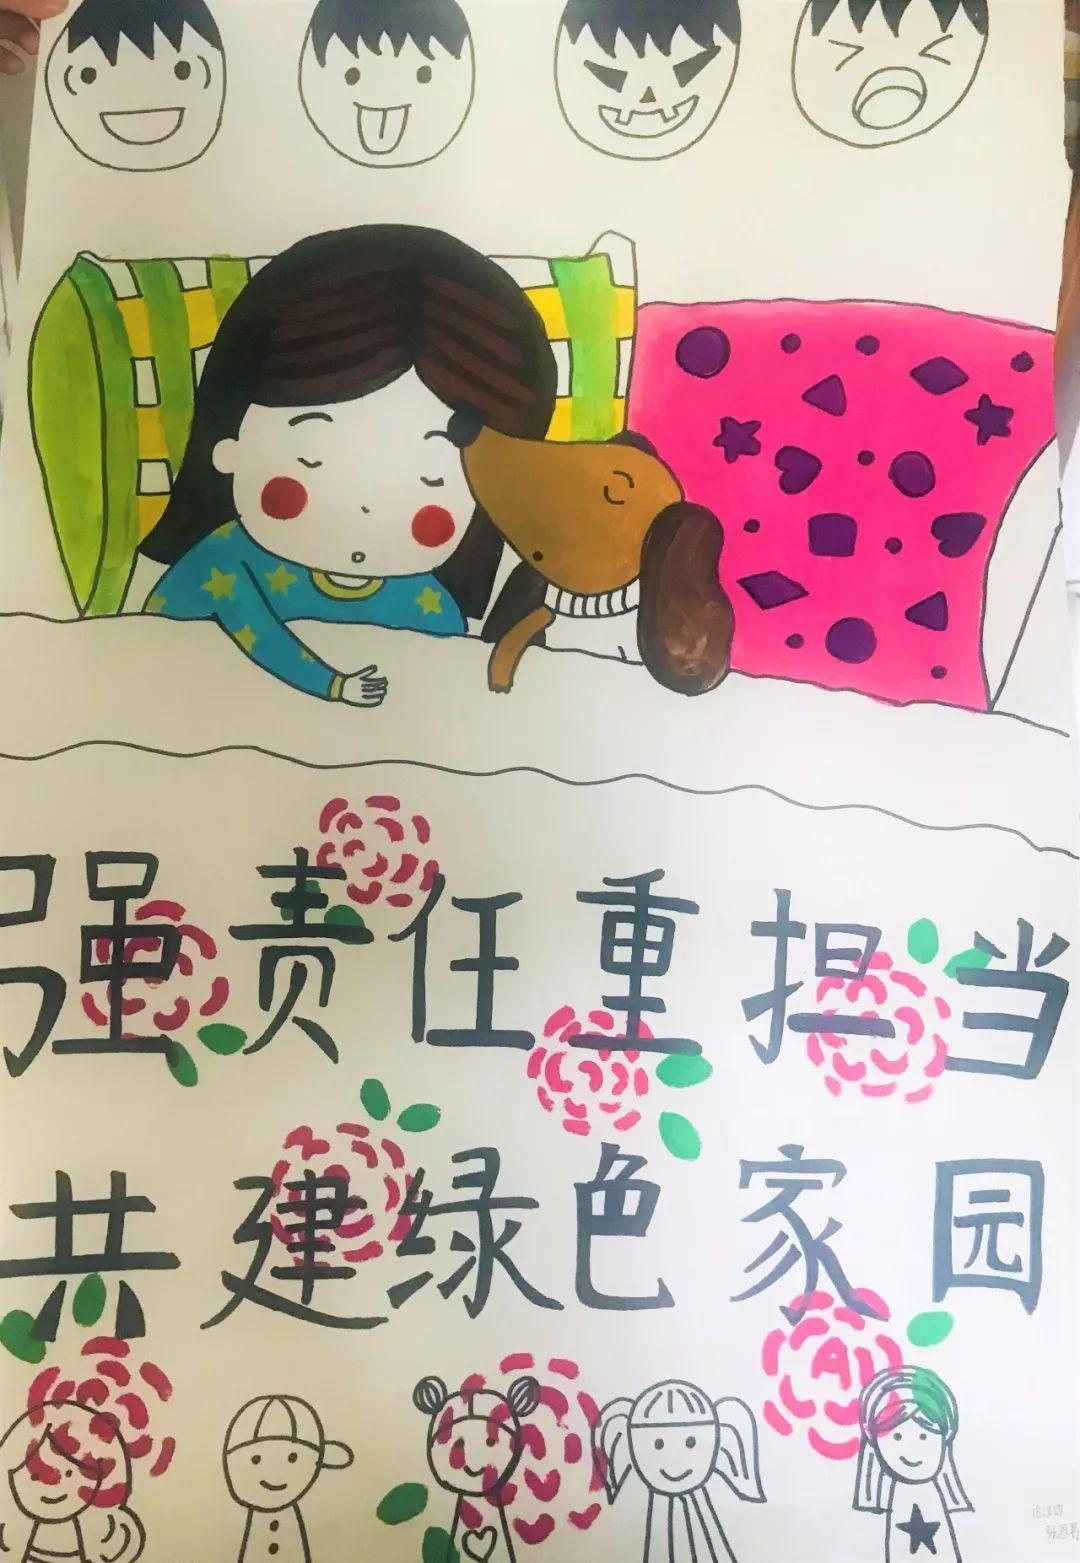 手绘板要在适当位置标注海报标题,作者学院,年级班级及姓名.